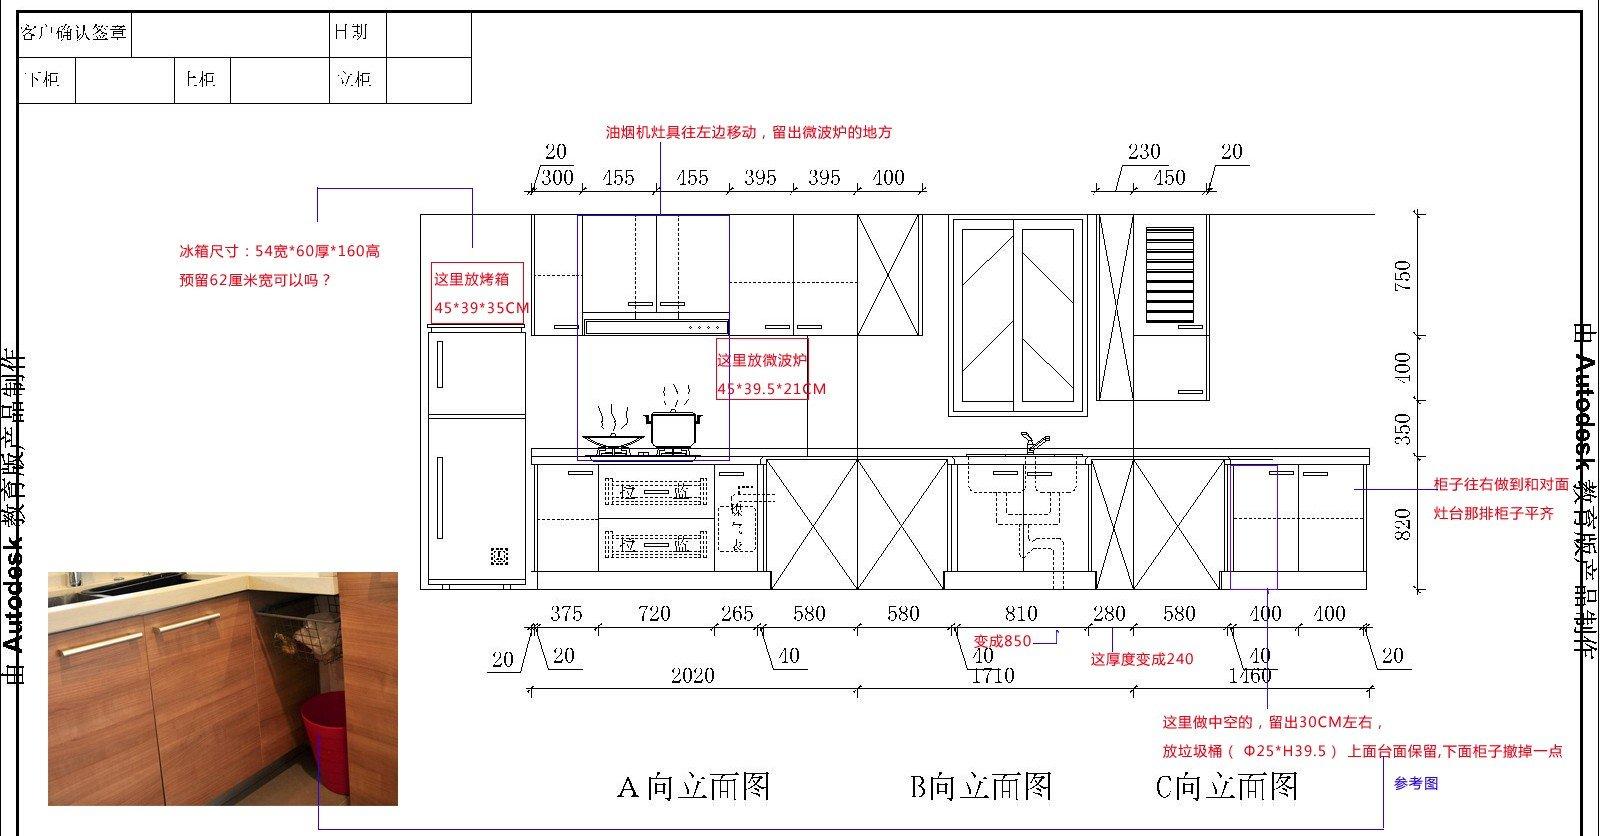 橱柜燃气管道接线图